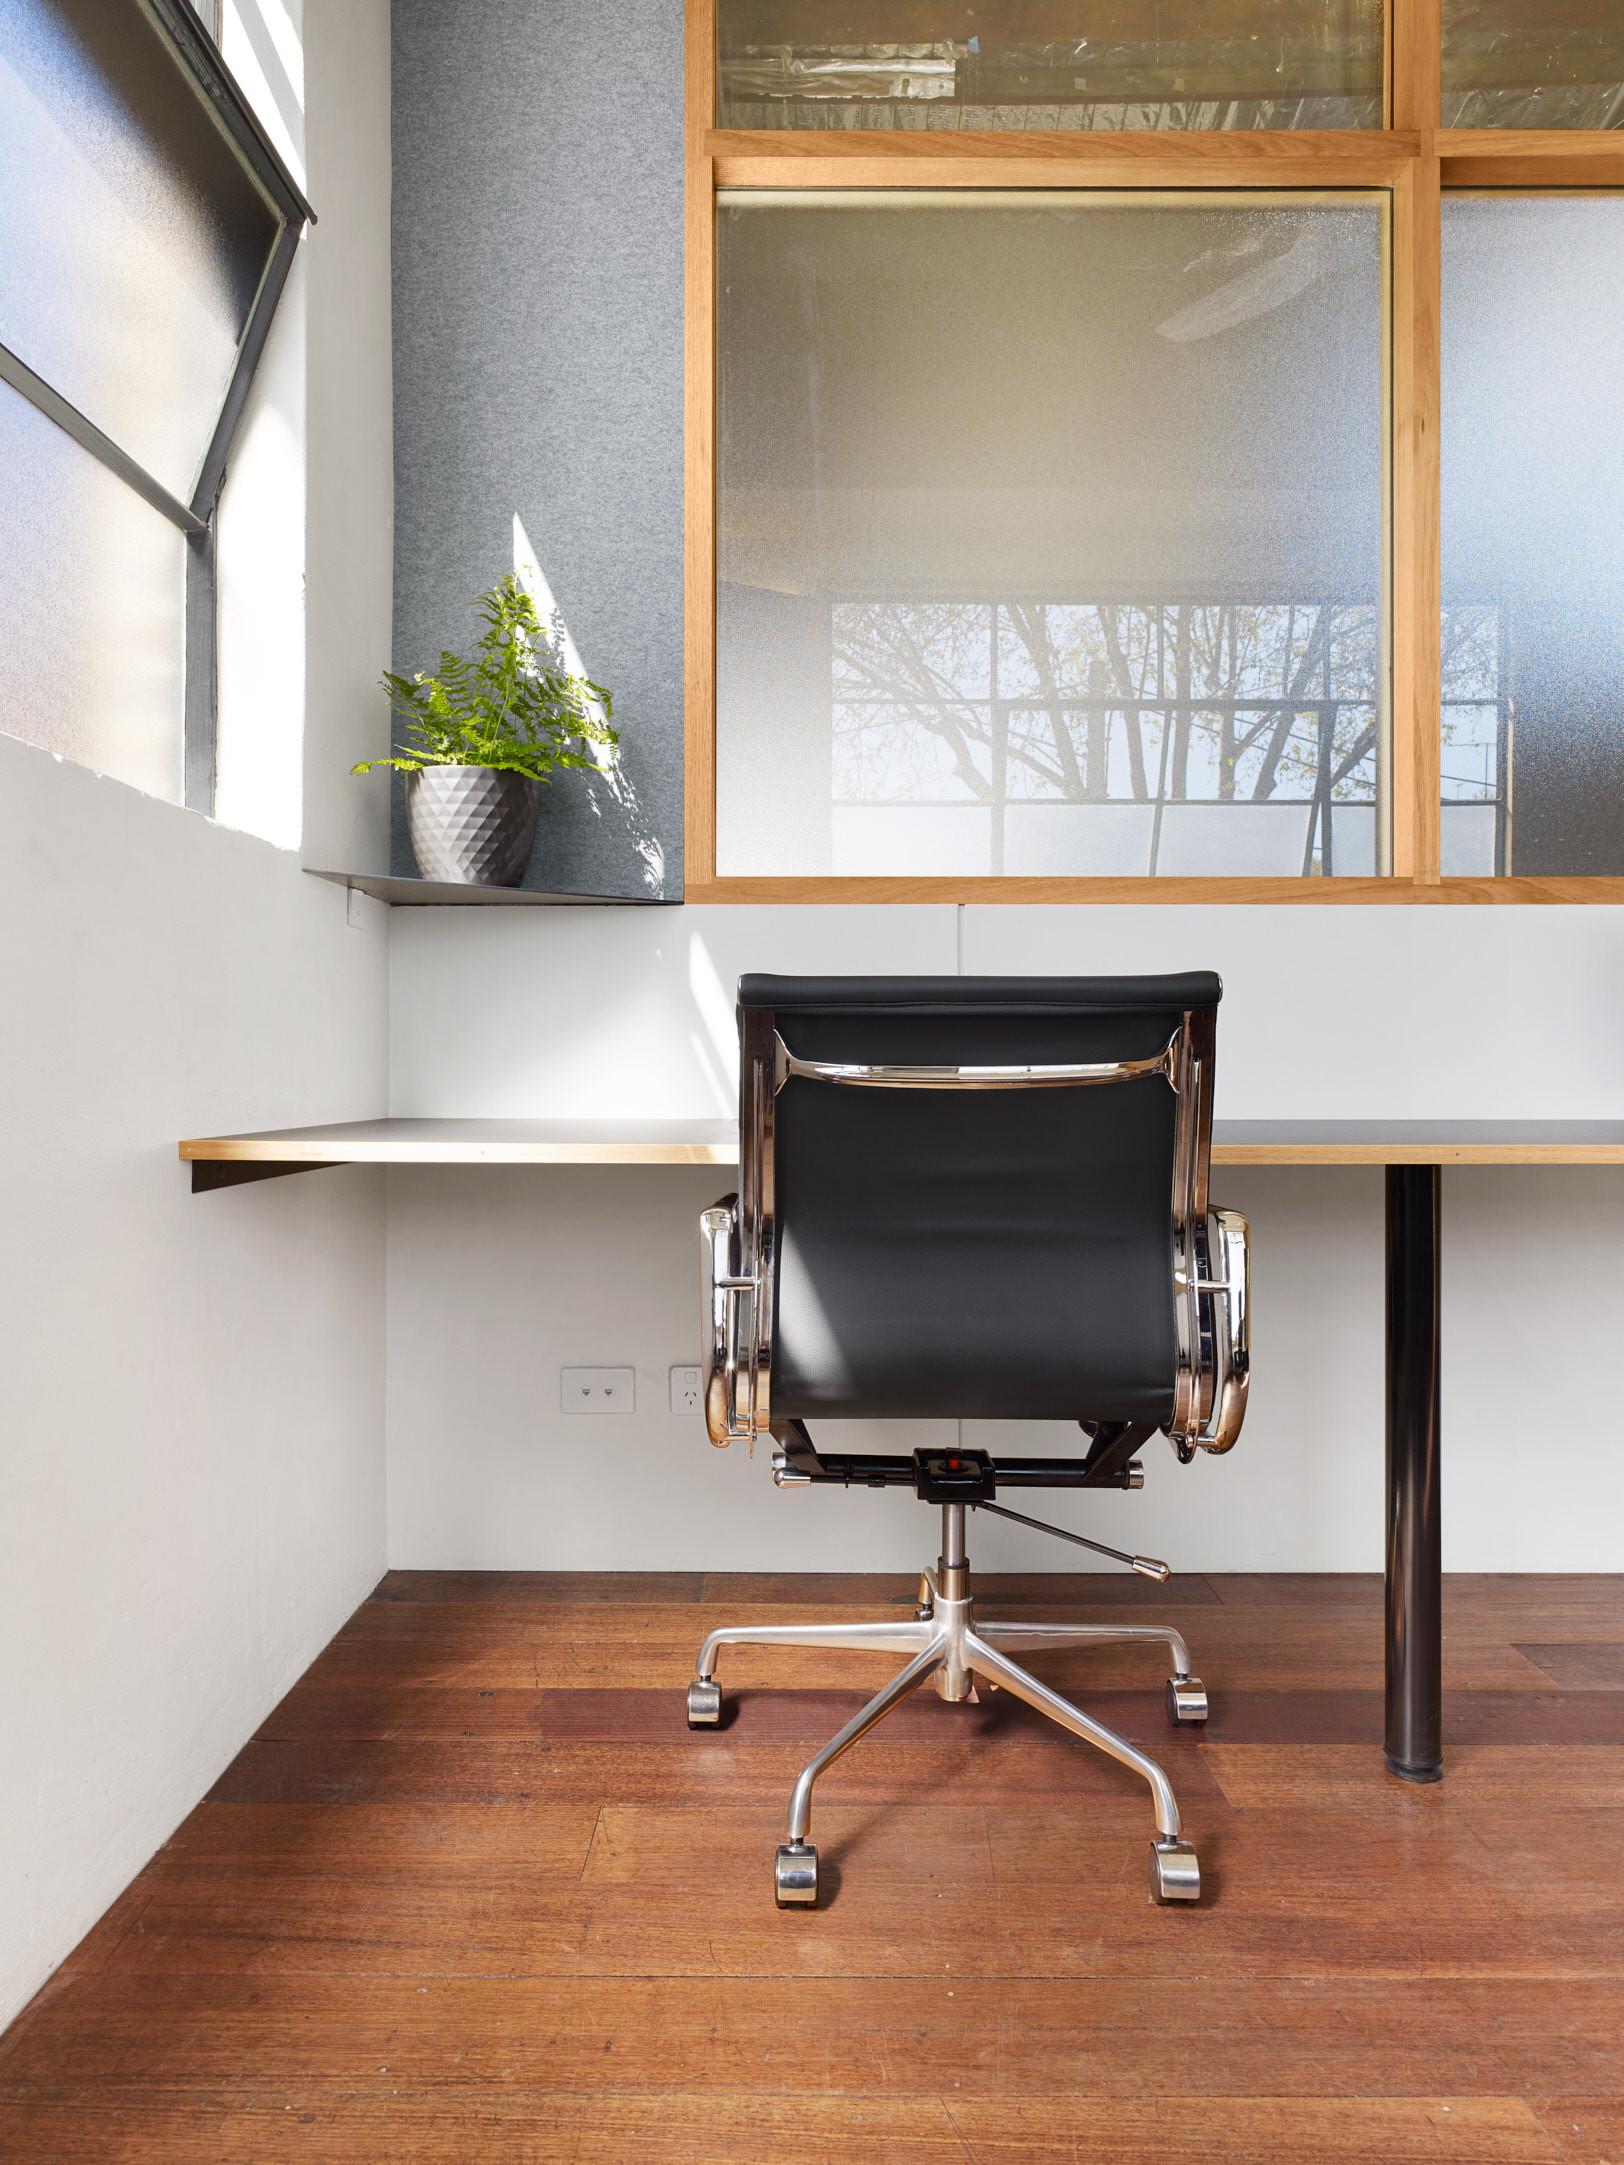 Open Creative Studio_LaMarzocco_Piccolo_Desk_Elevation.jp